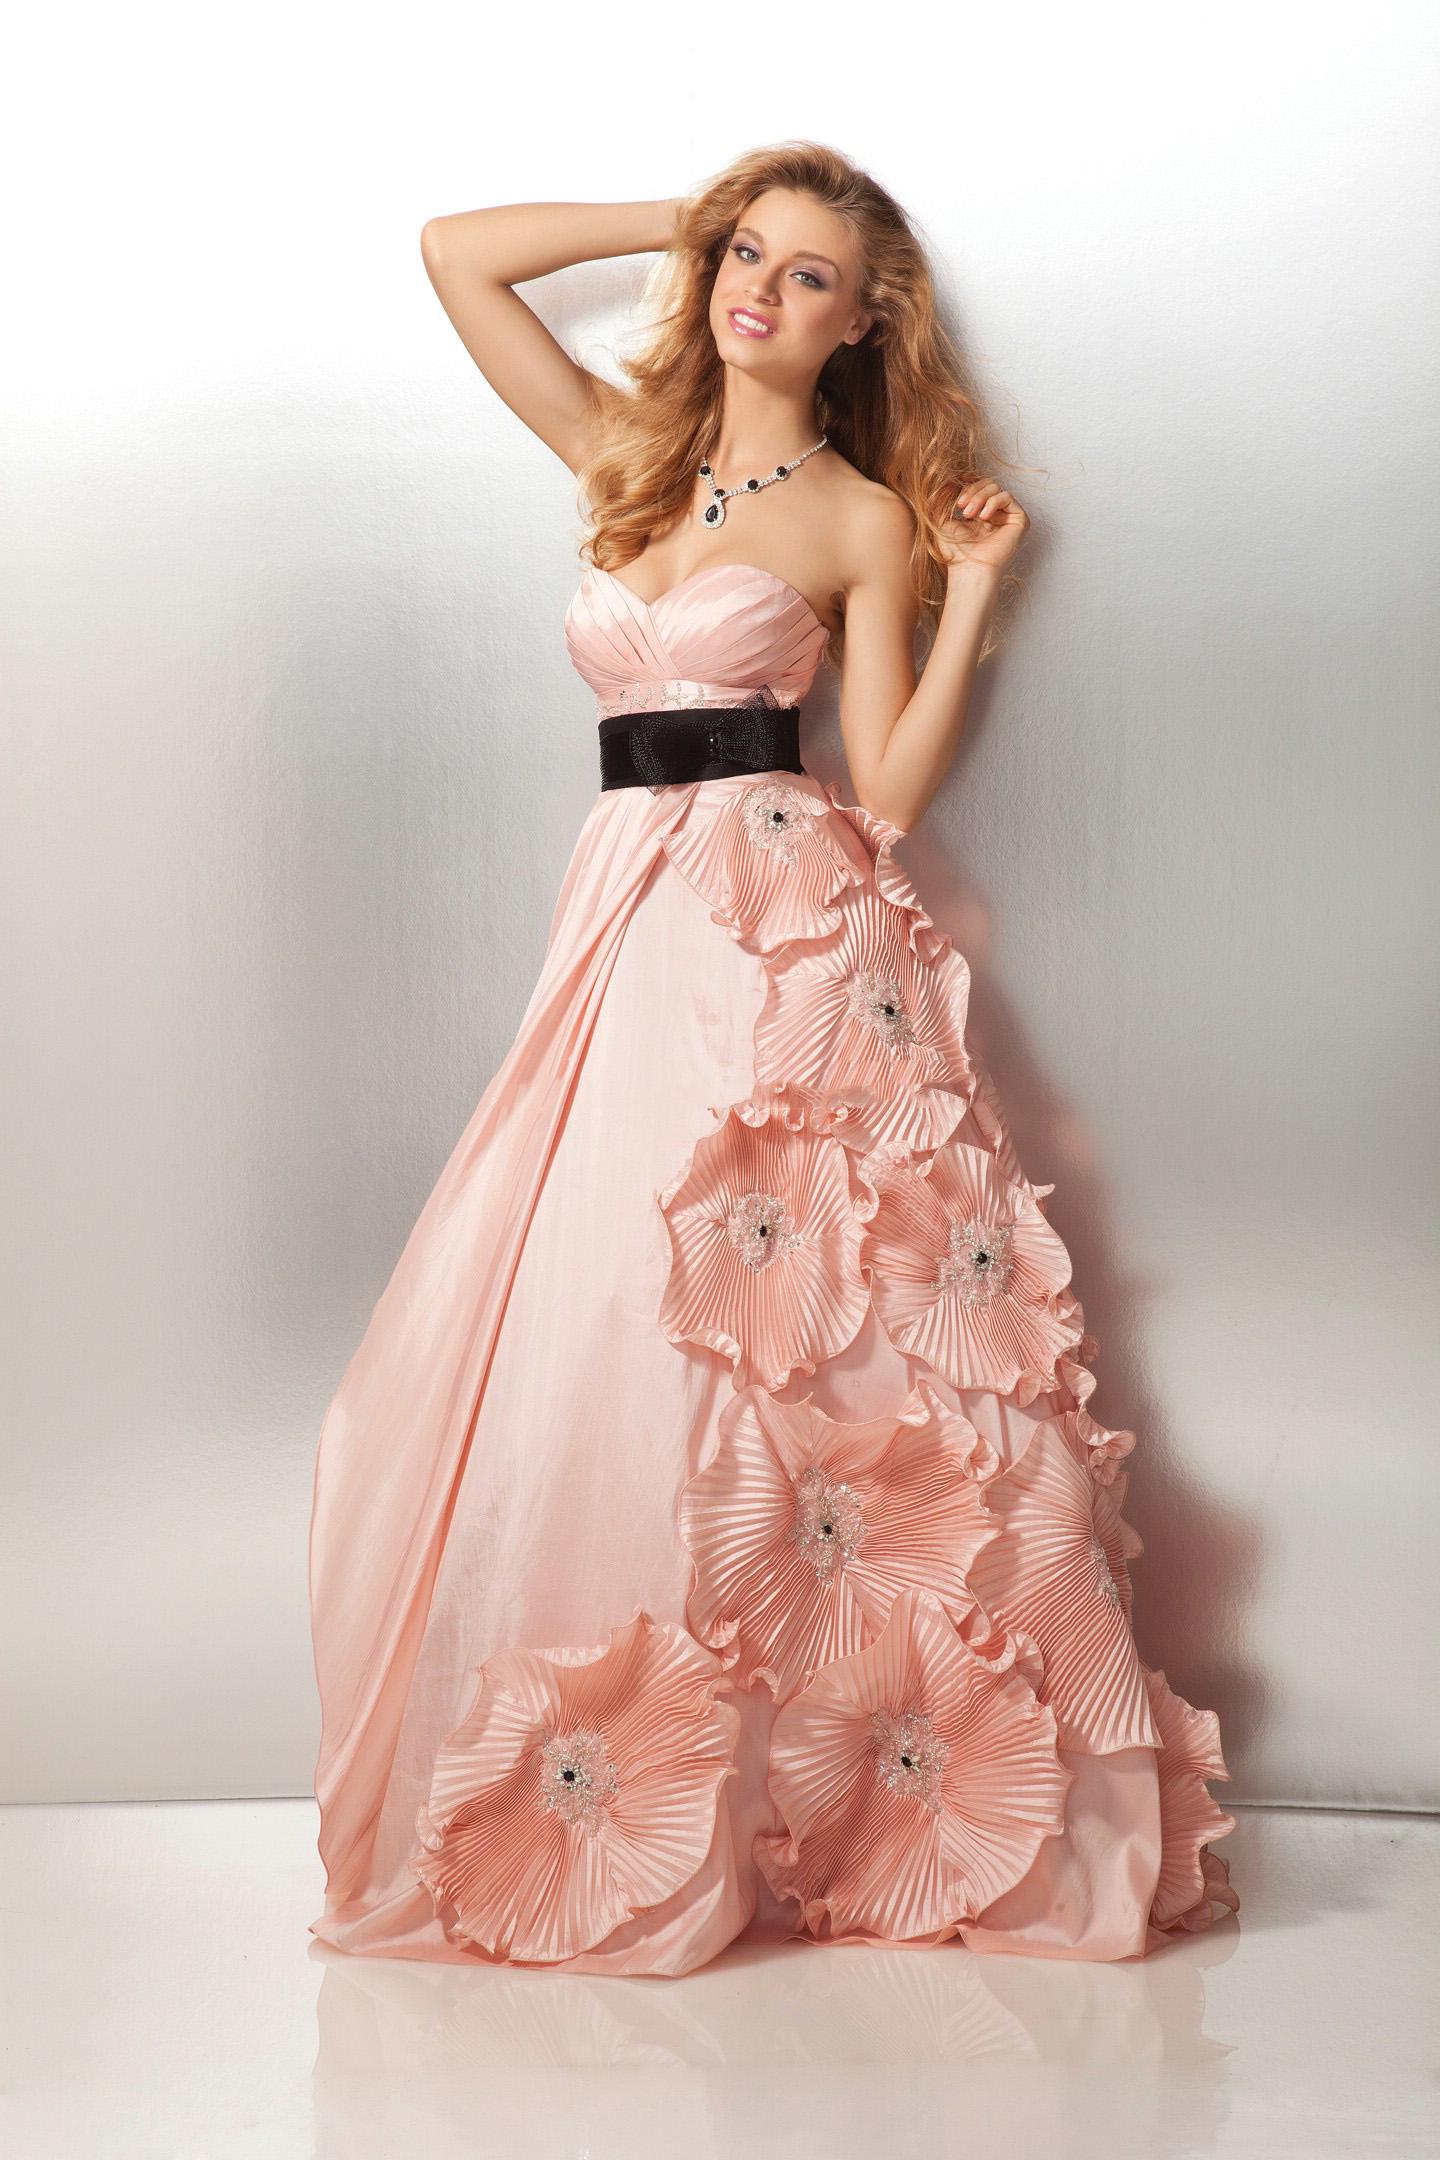 59b2ea81212 Самые красивые платья в мире 2019 (48 фото)  шикарные